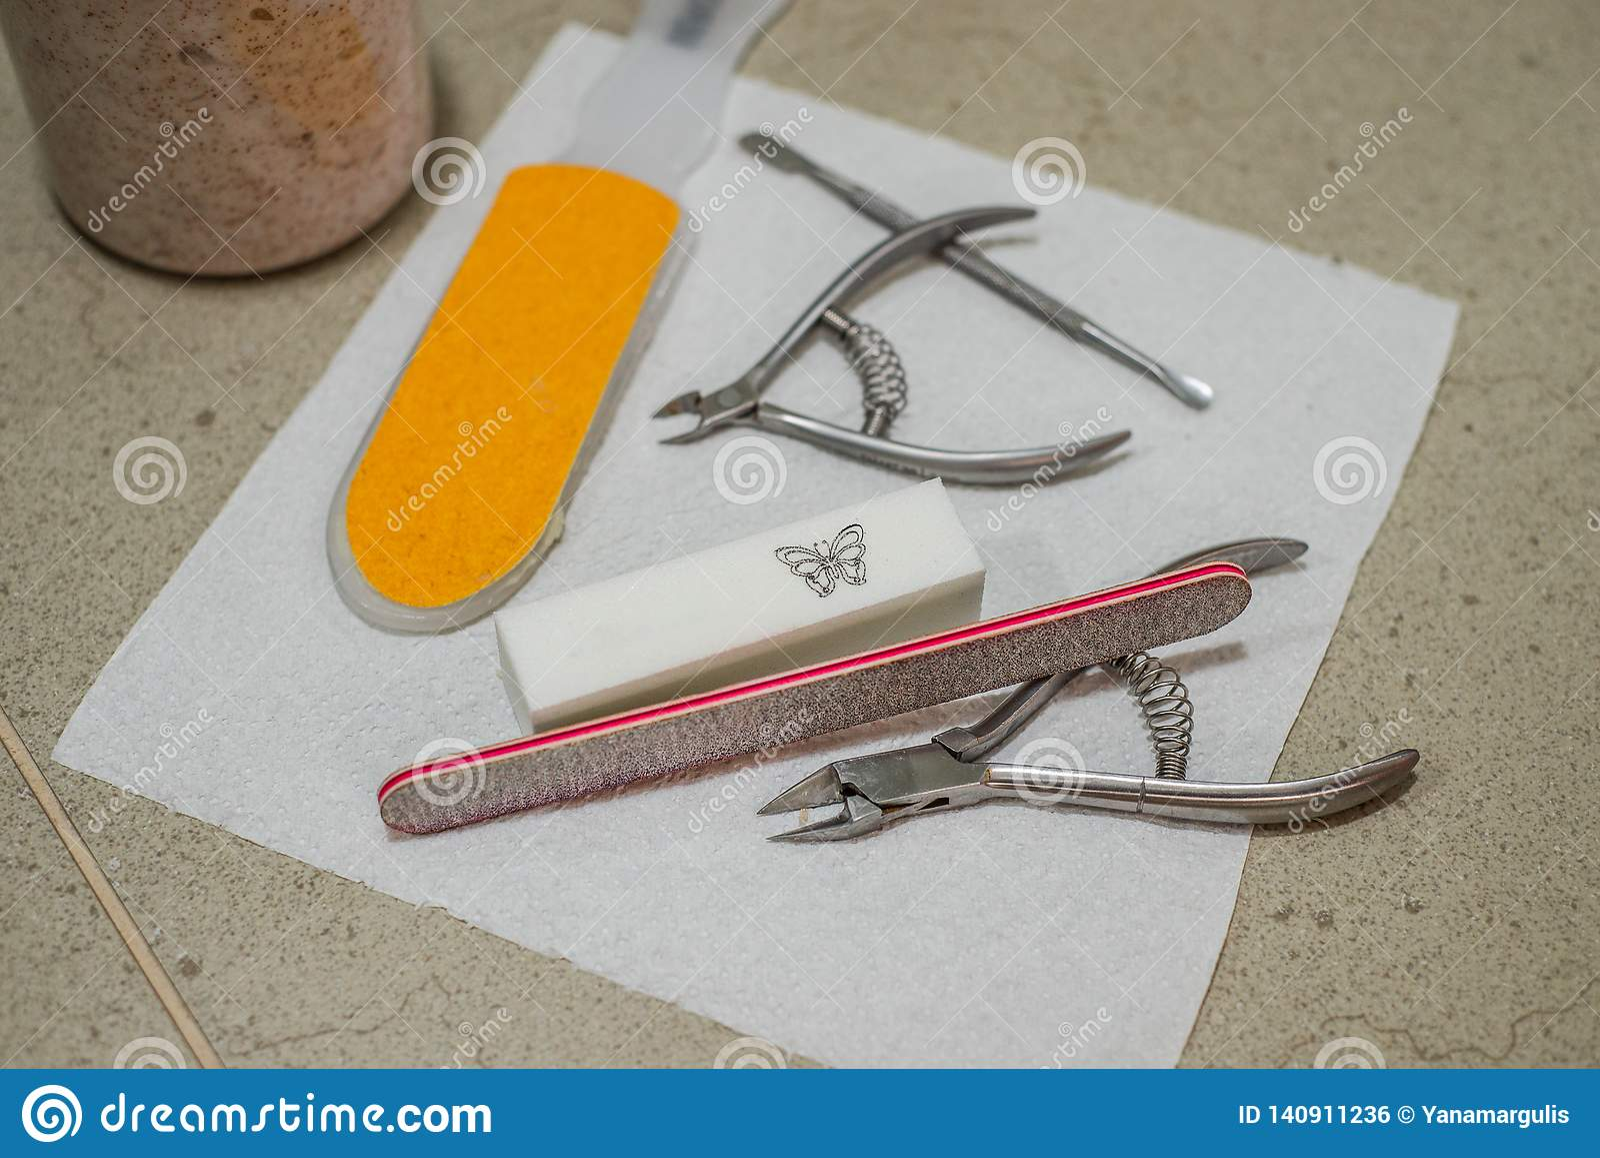 Przygotowanie dla pedicure u z fachowym wyposażeniem